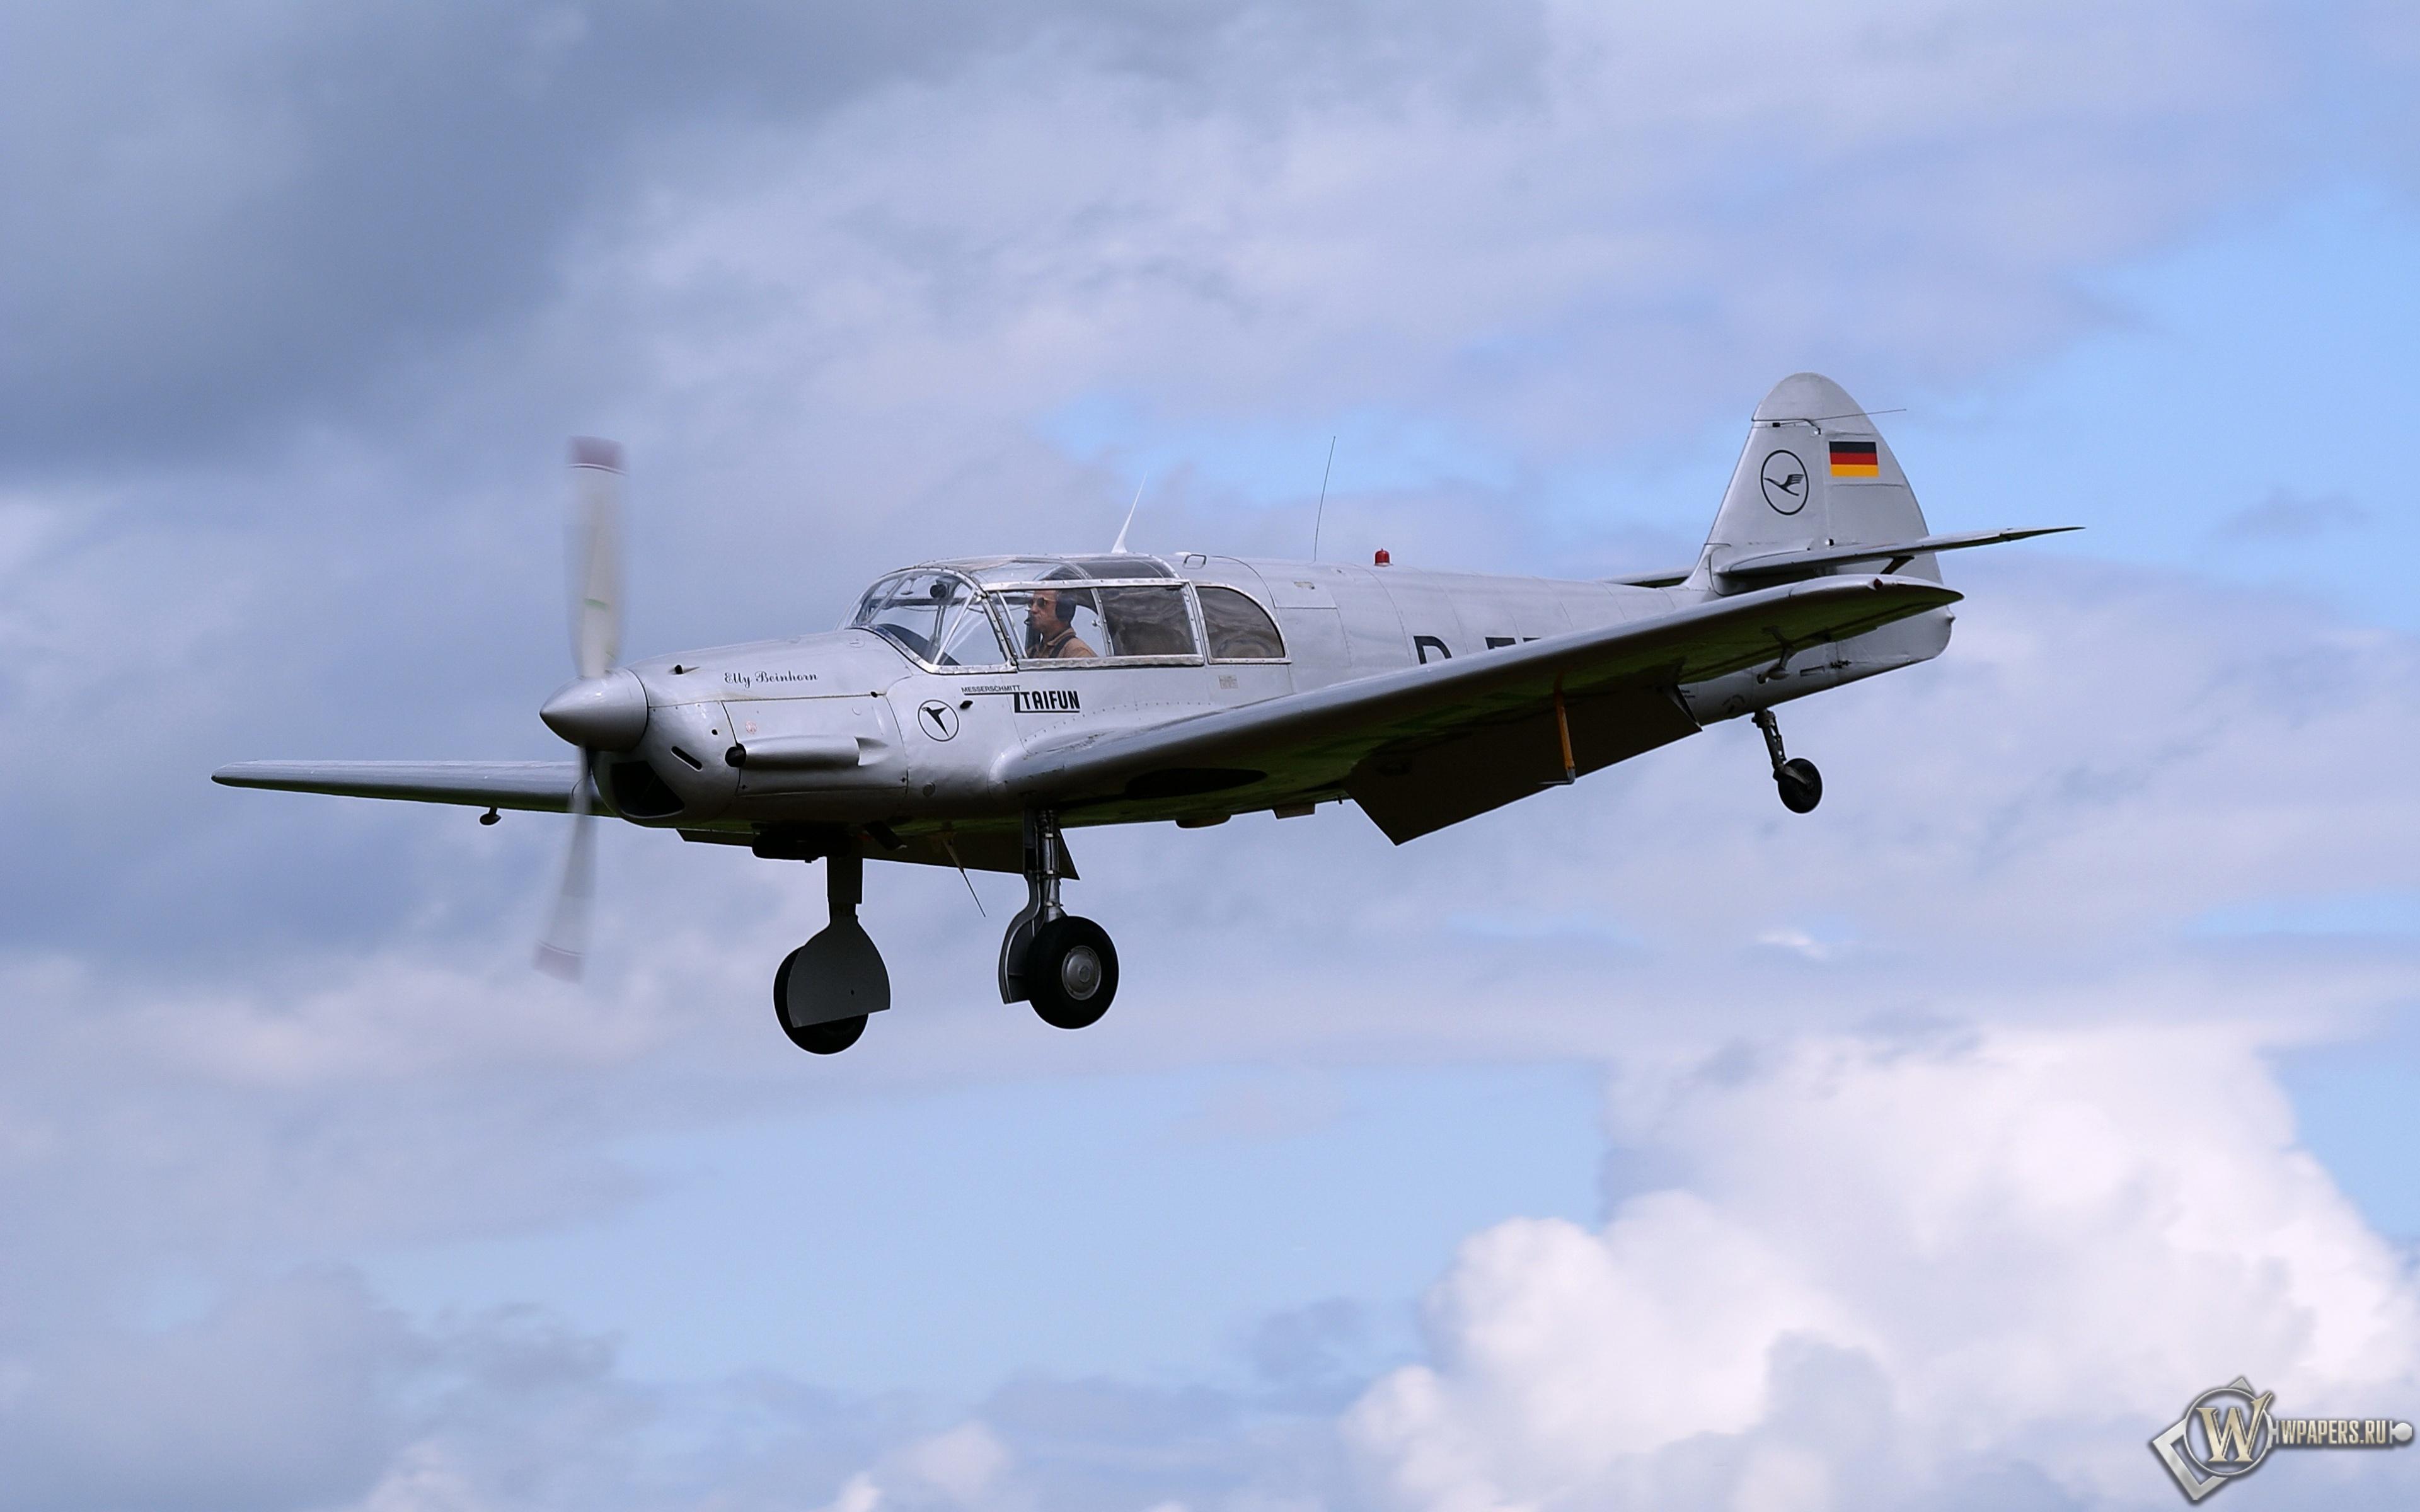 Messerschmitt Bf-108 Taifun 3840x2400